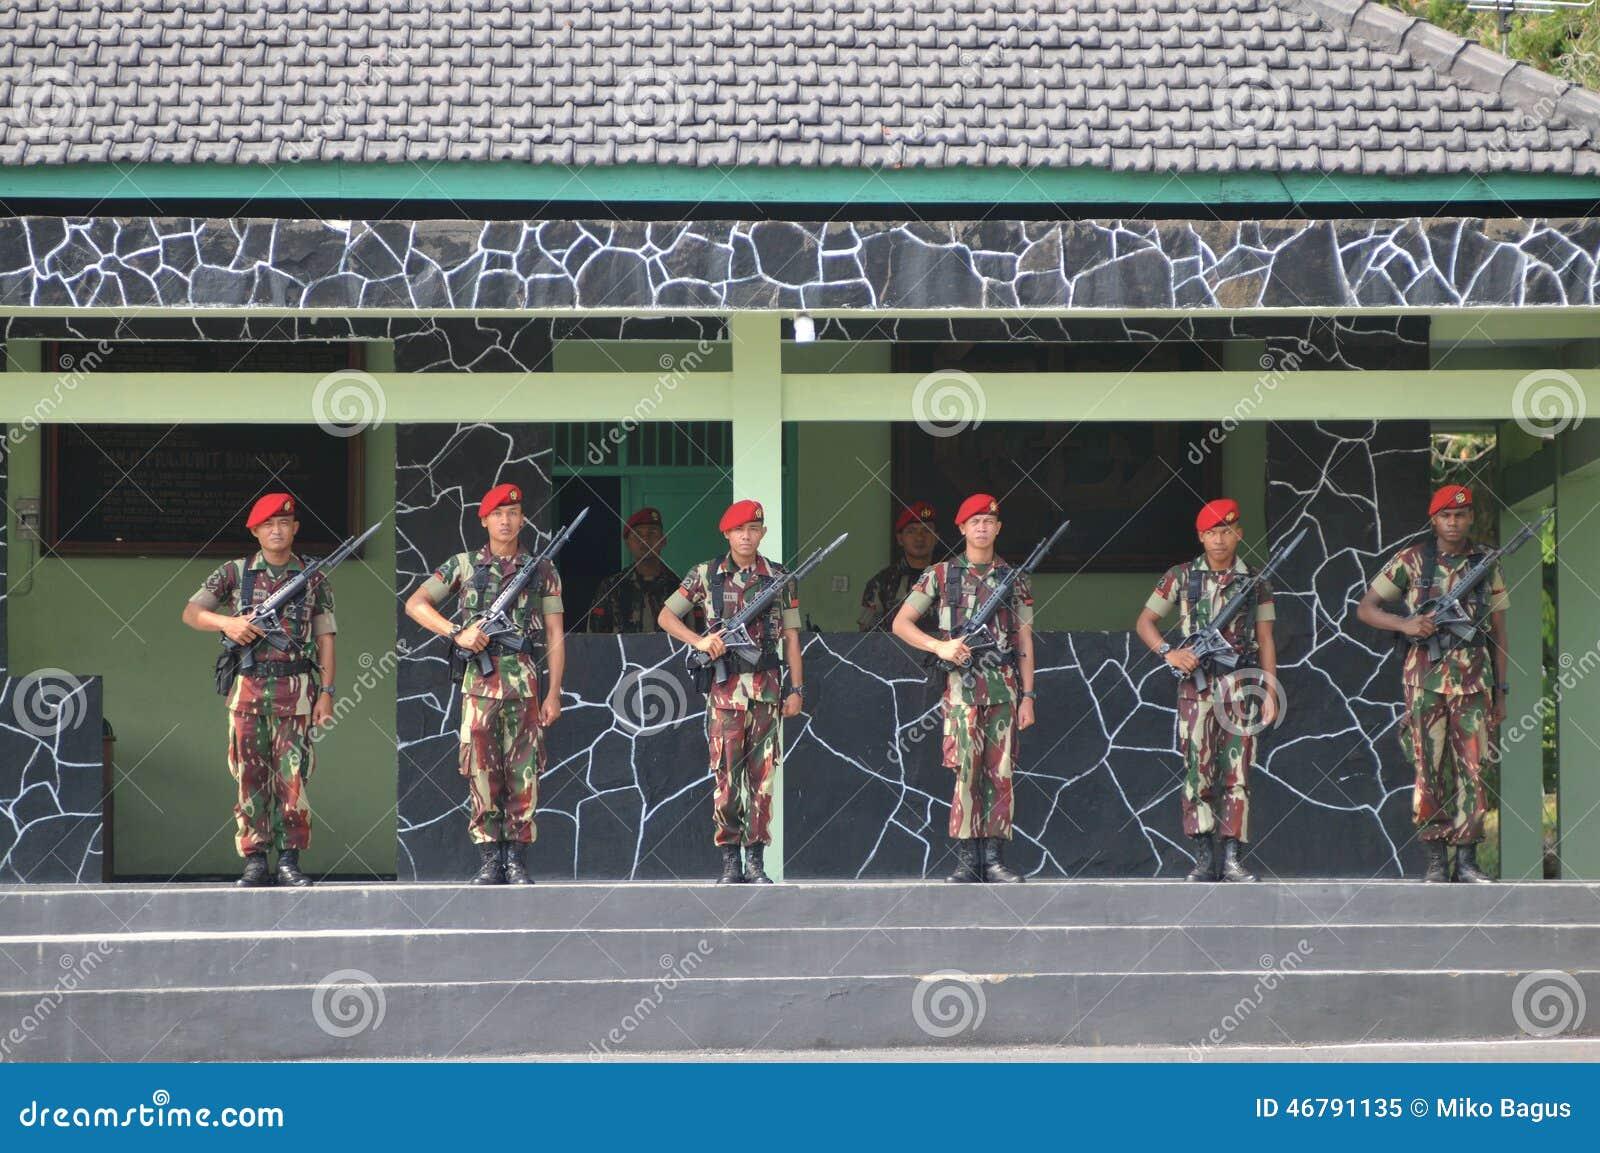 Ειδικές δυνάμεις (Kopassus) στρατιωτικές από την Ινδονησία